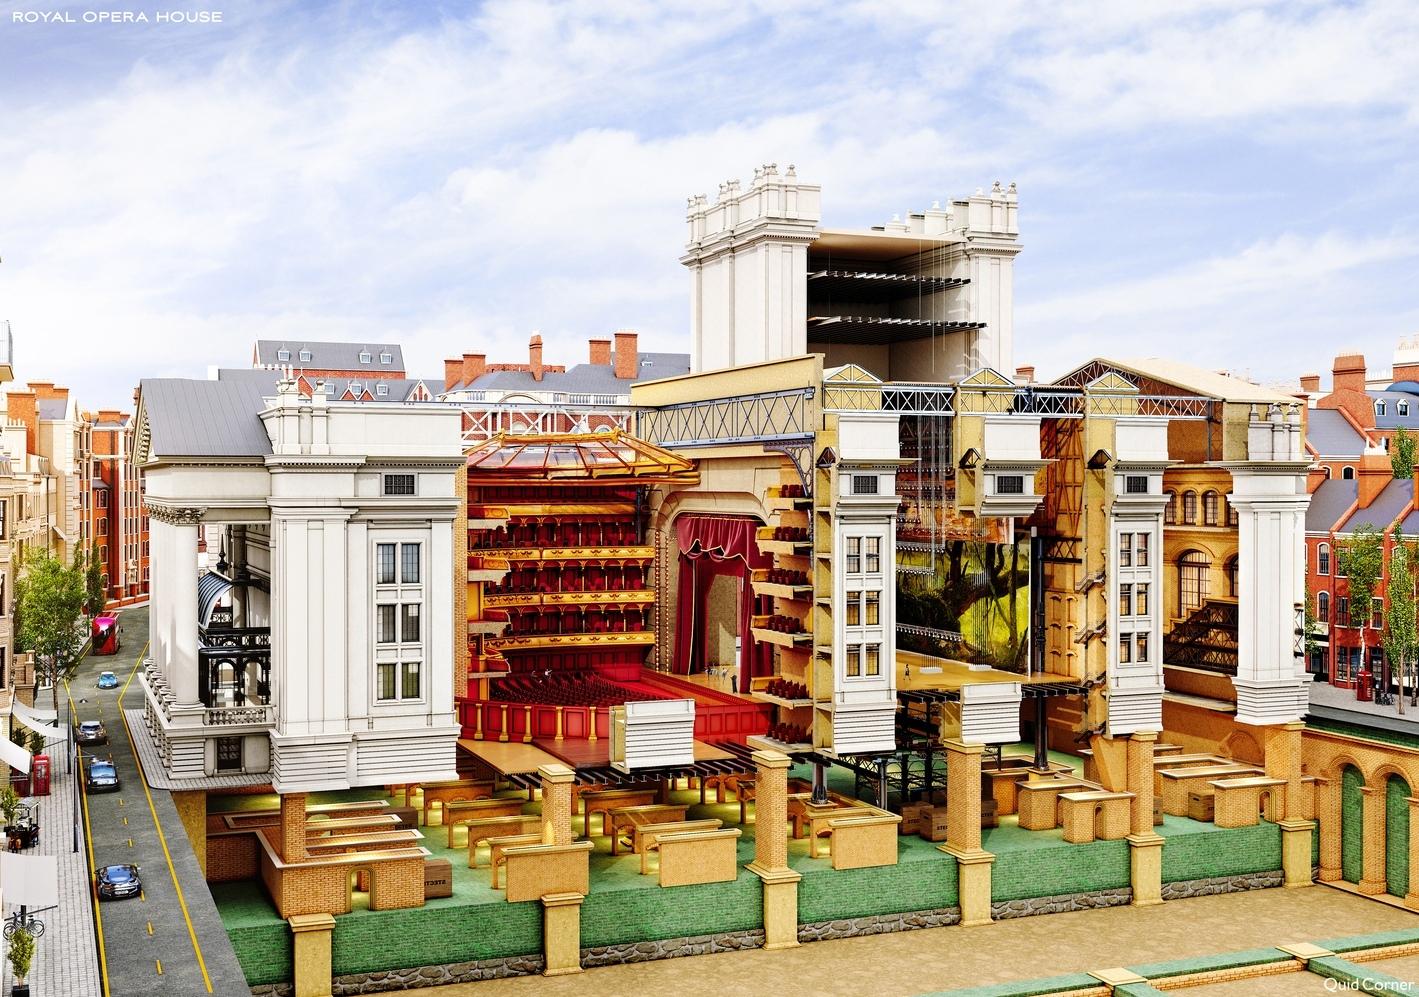 королевский оперный театр в лондоне чертежи